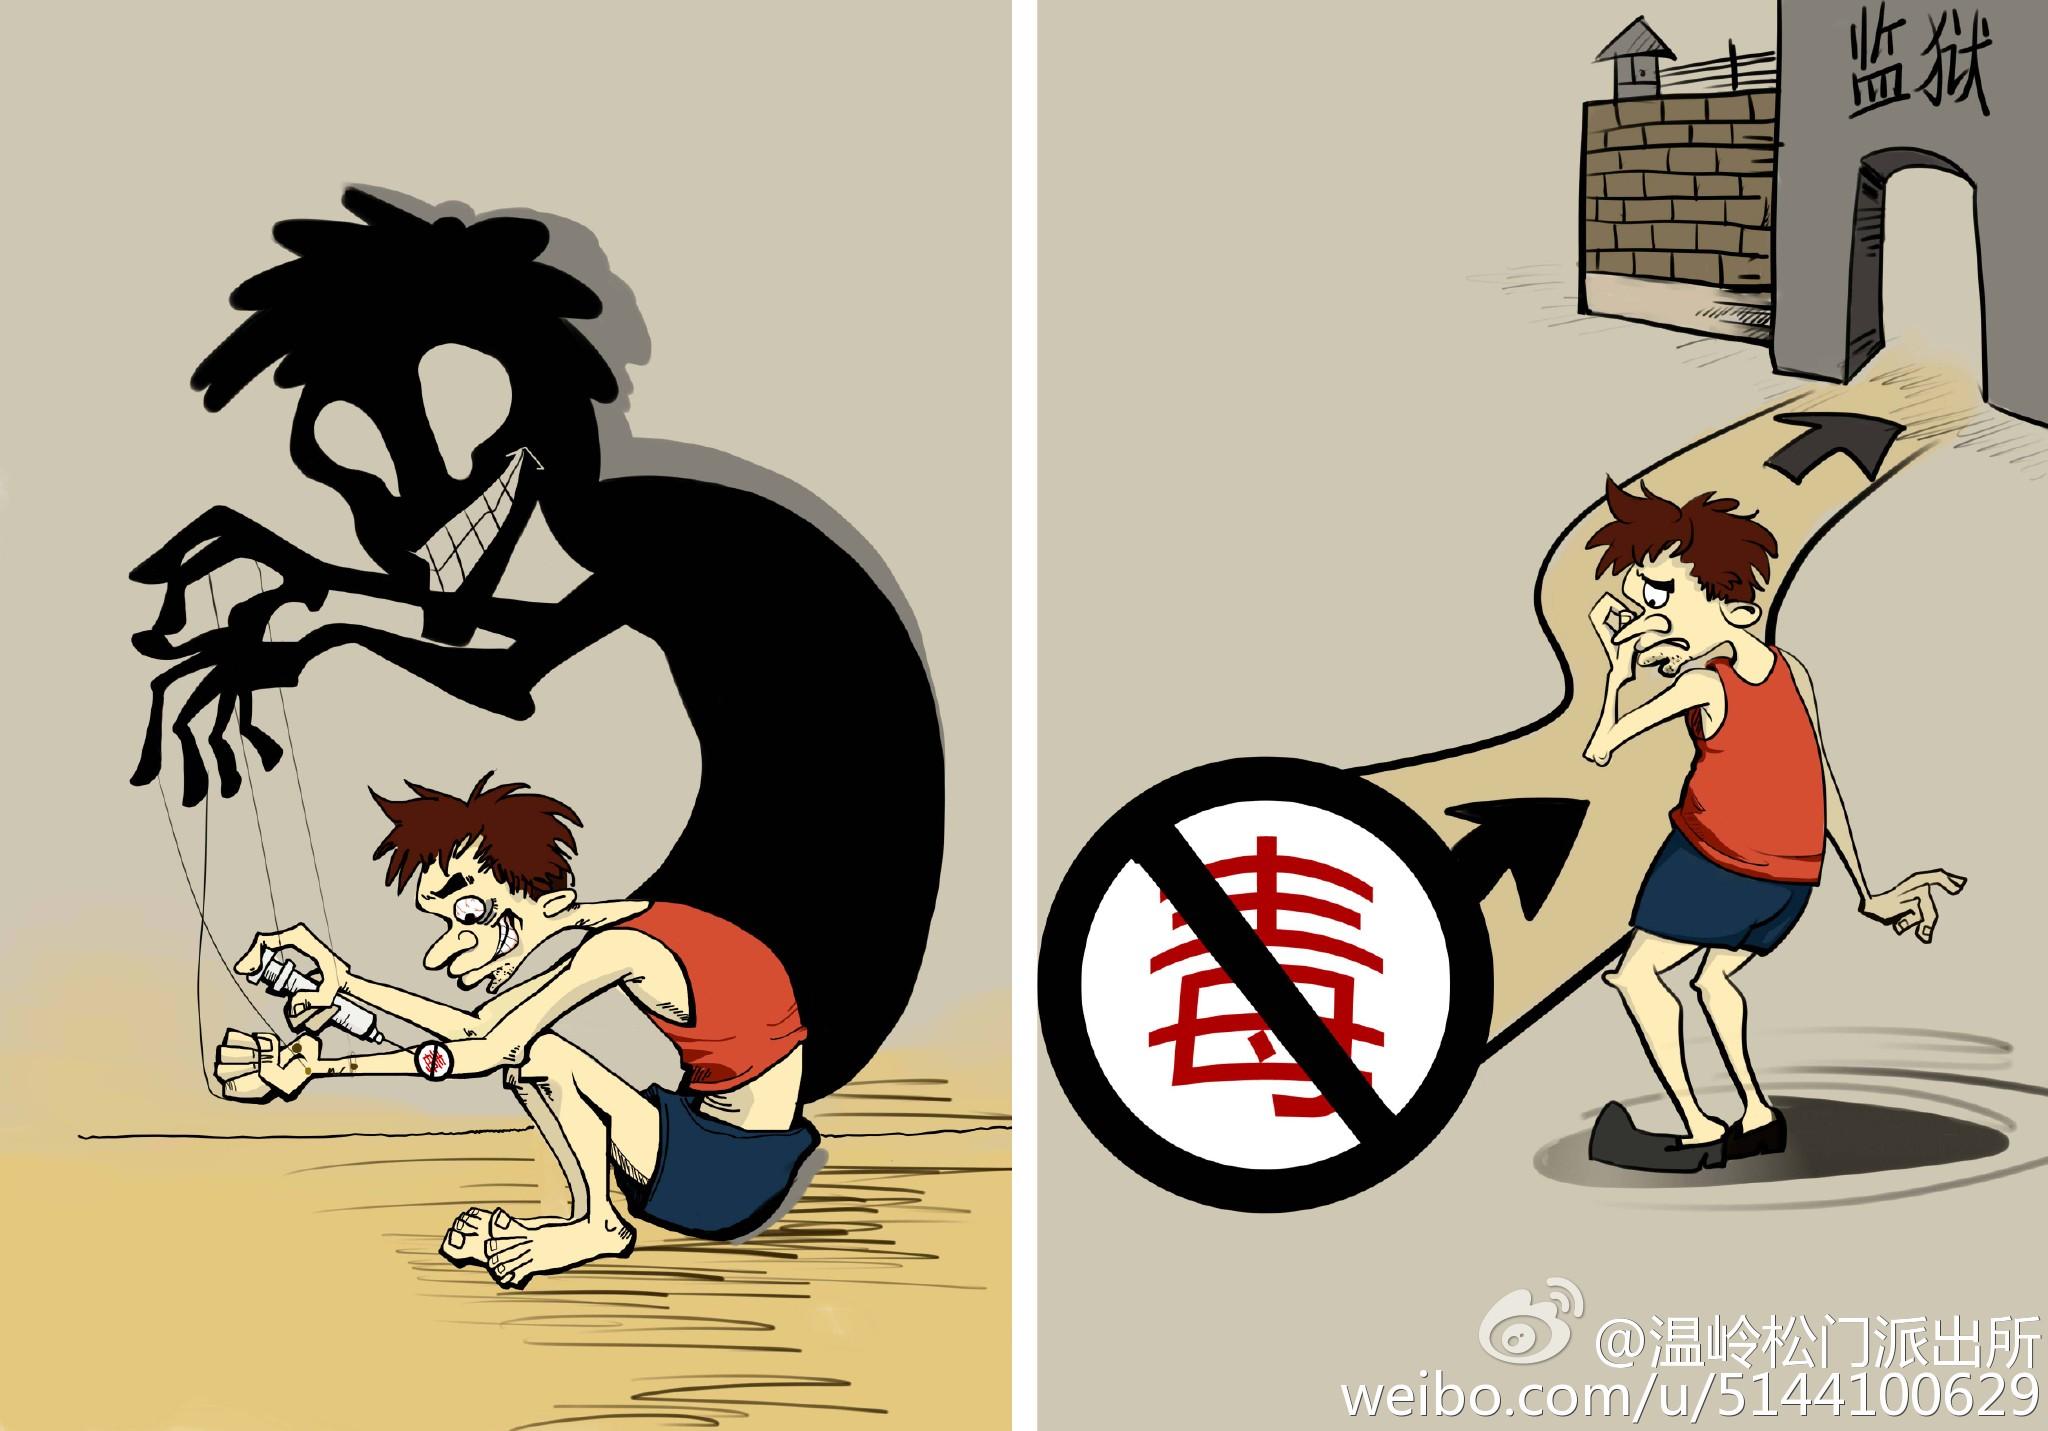 禁毒漫画简笔画卡通